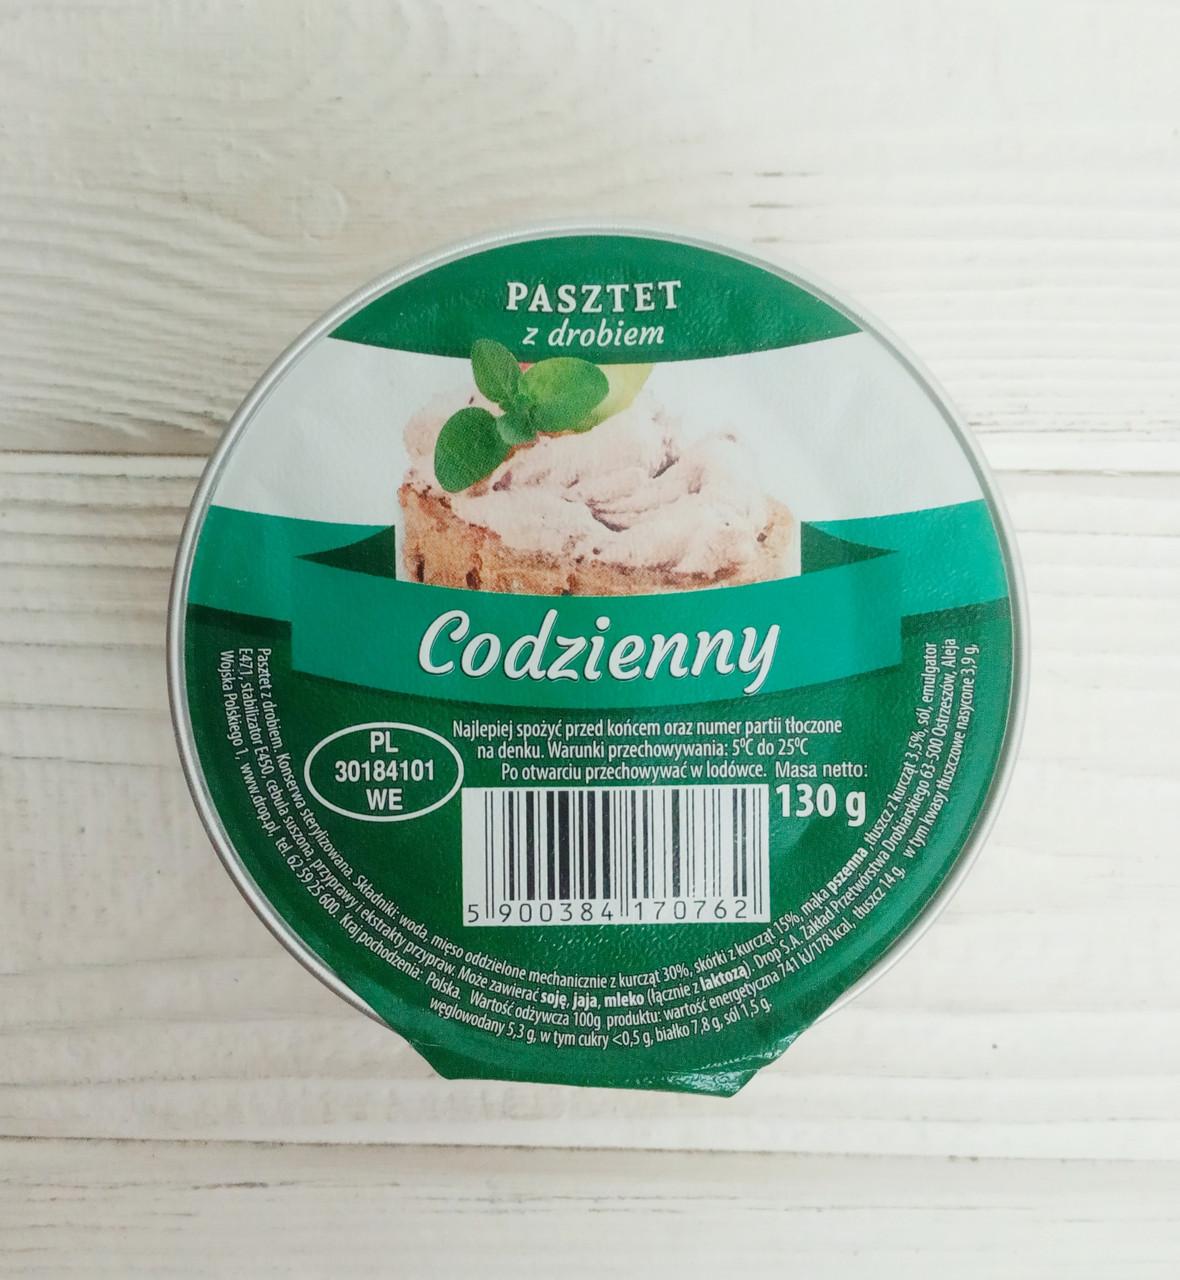 Паштет мясной 130 грамм ТМ Codzienny Польша